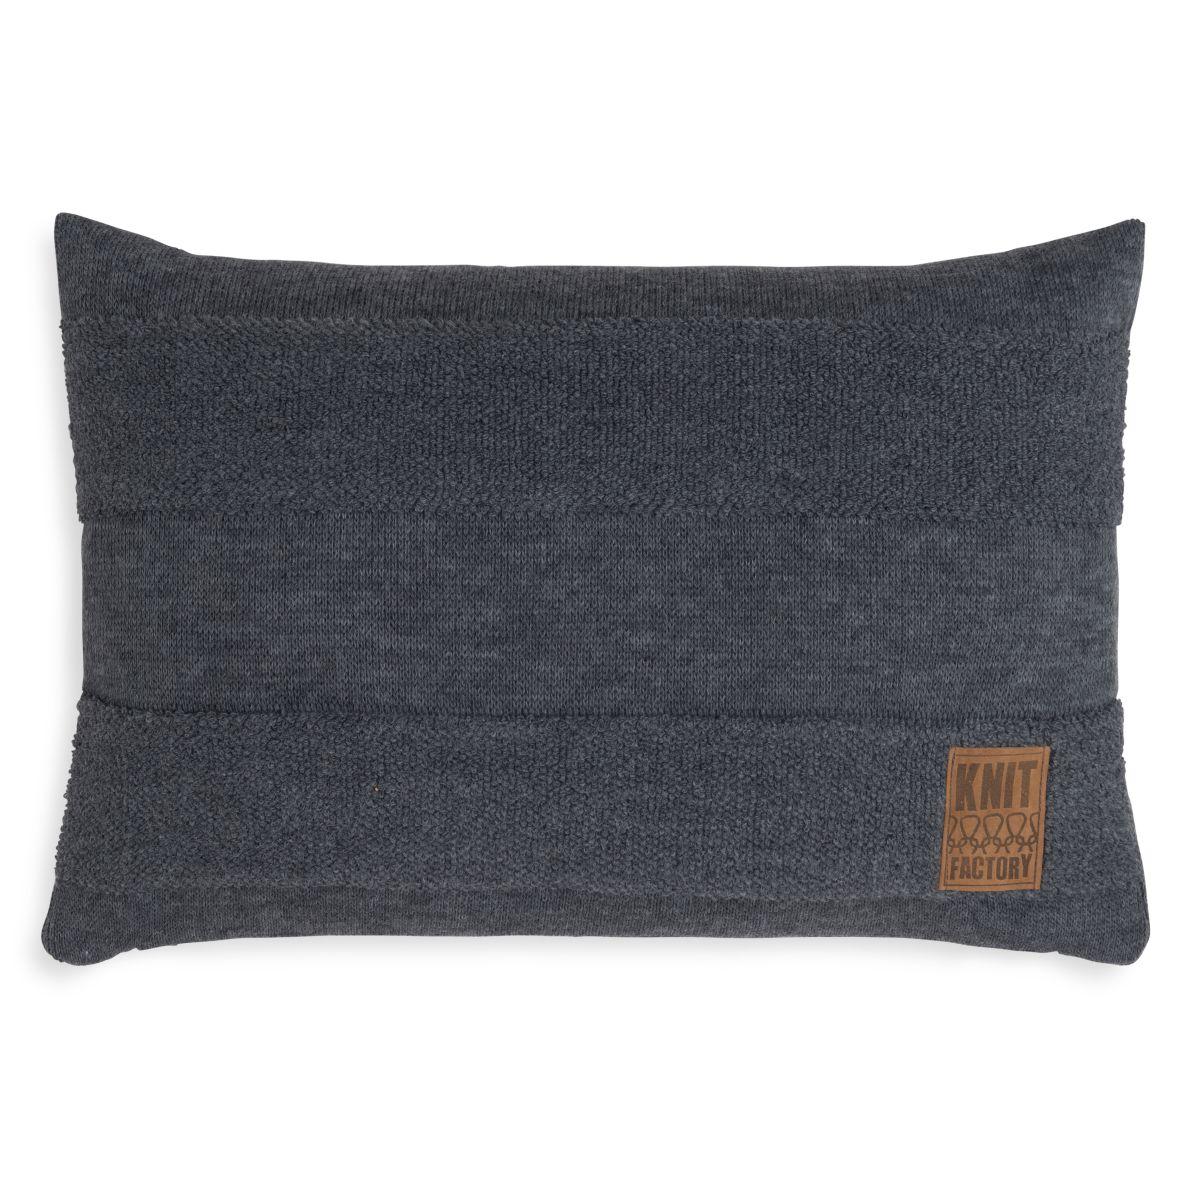 knit factory 1351310 yara kussen 60x40 antraciet 1